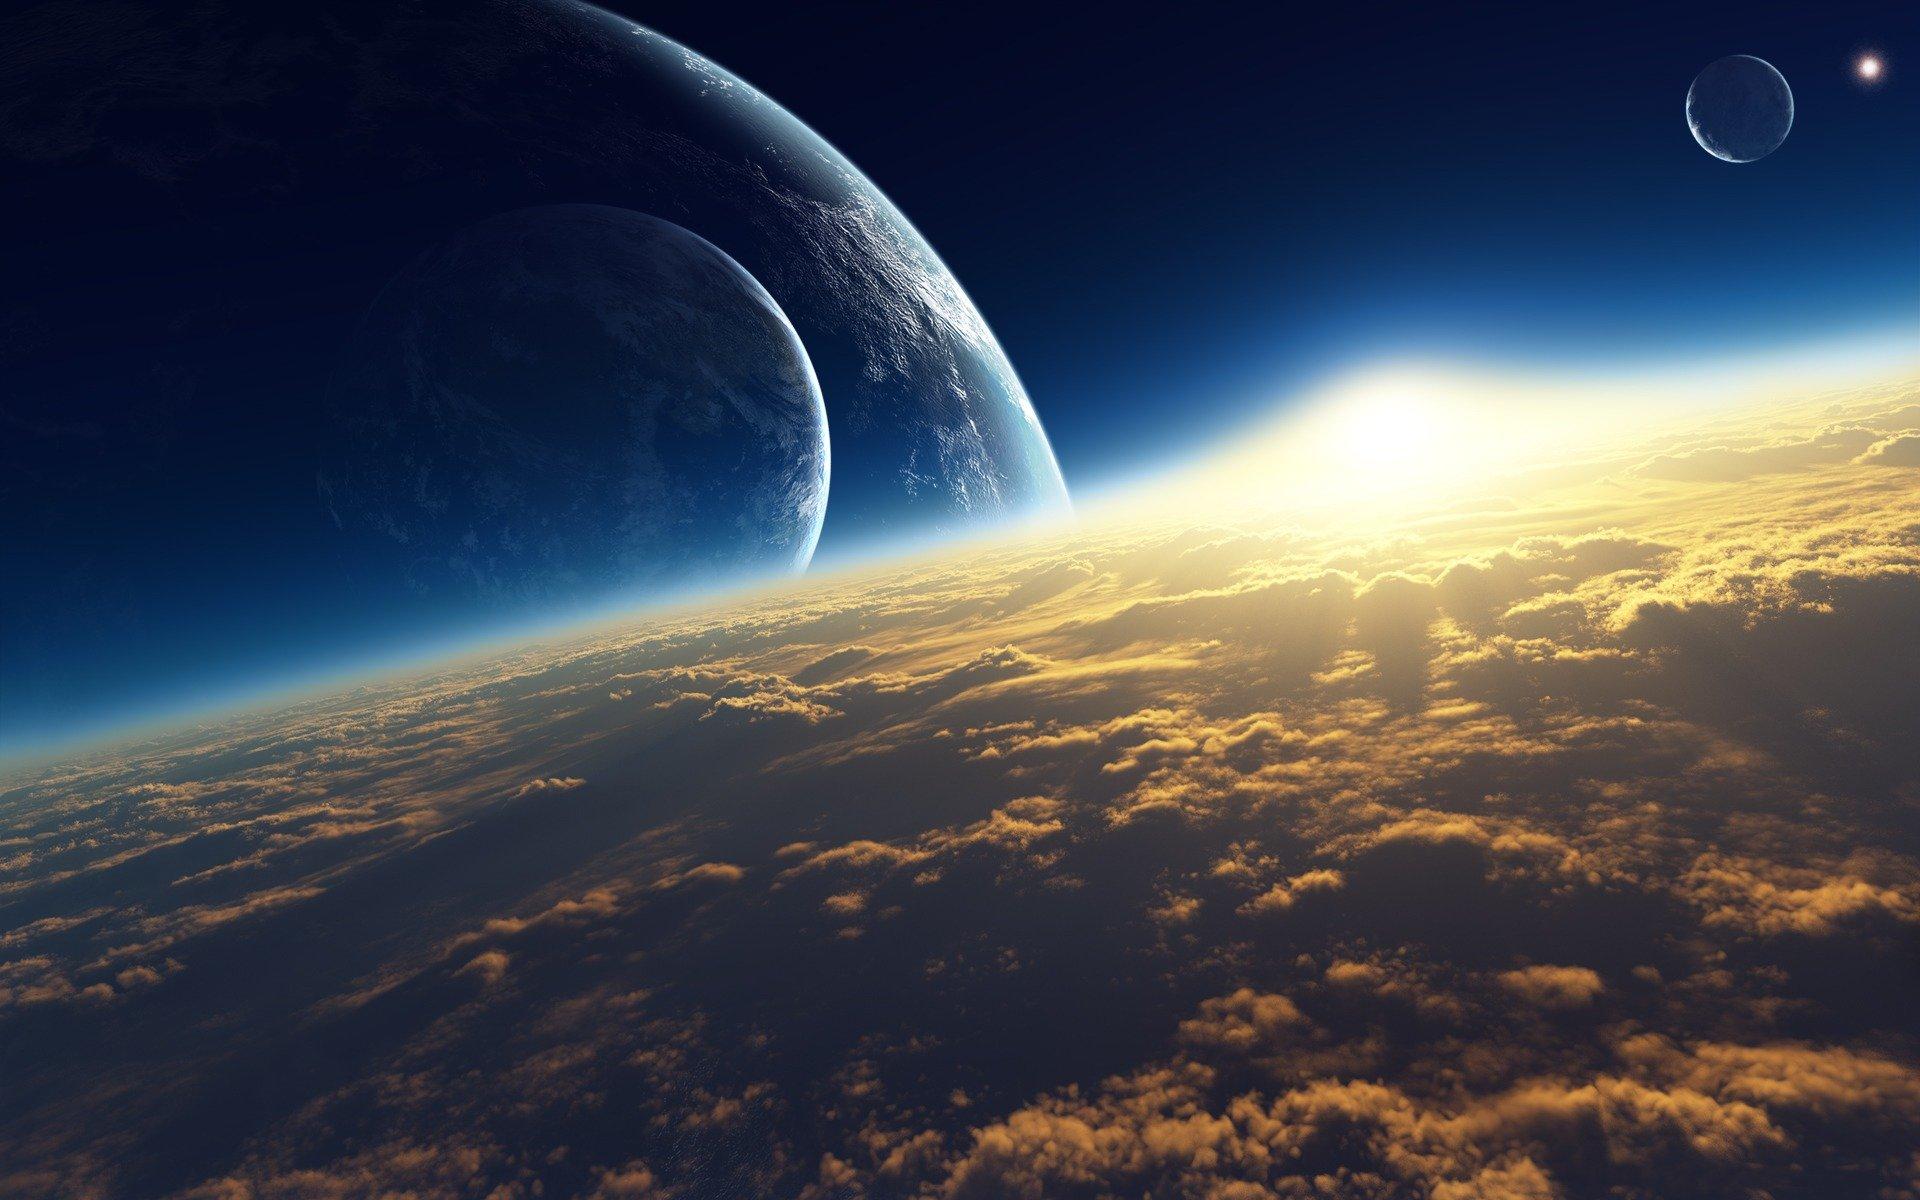 Обои Восход на орбите картинки на рабочий стол на тему Космос - скачать  № 1761539 без смс